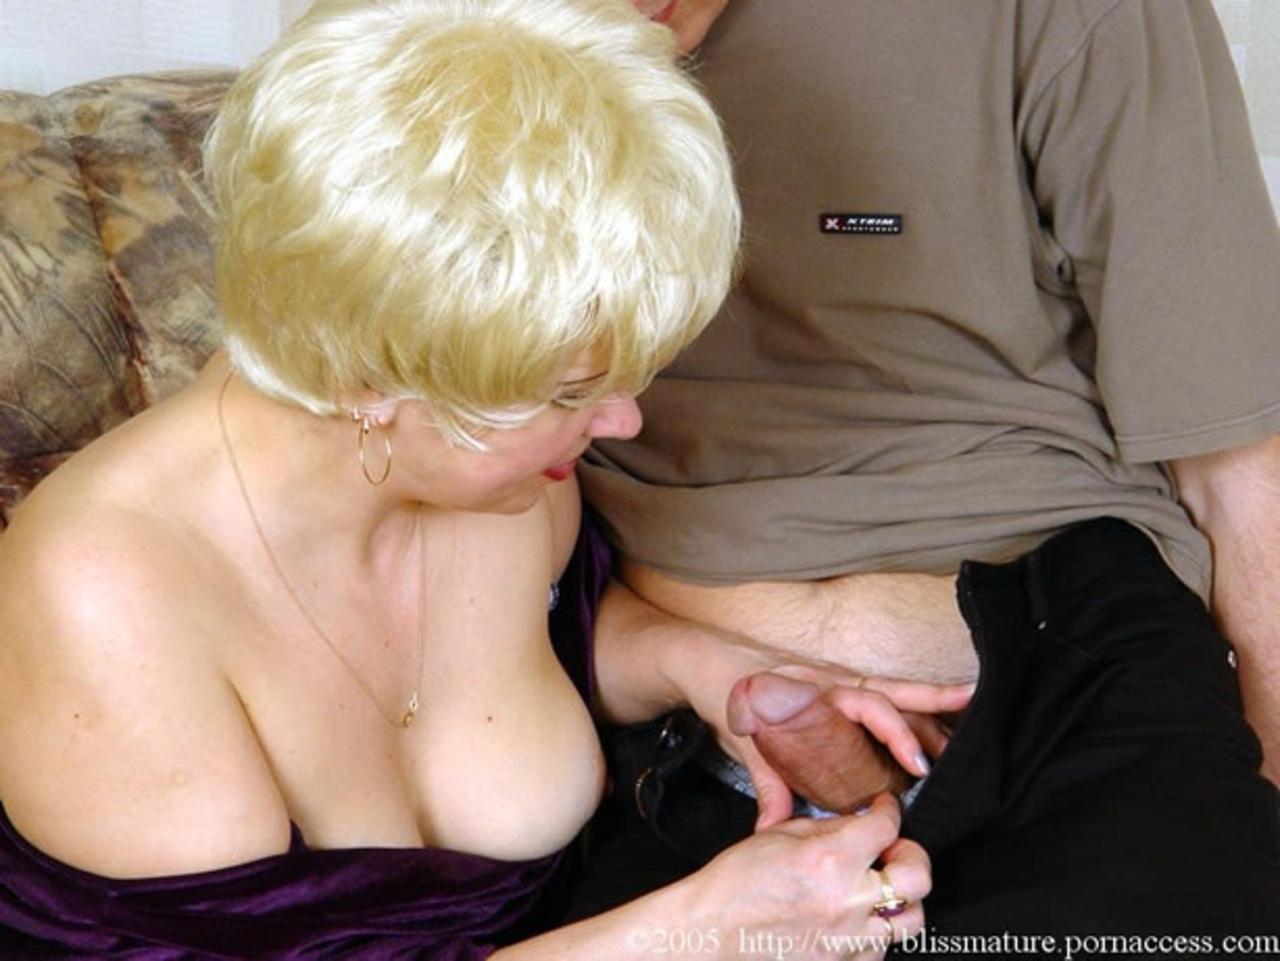 Тетя дала сыну потрогать грудь, Мама дала сыну потрогать свои сиськи и разрешила 11 фотография